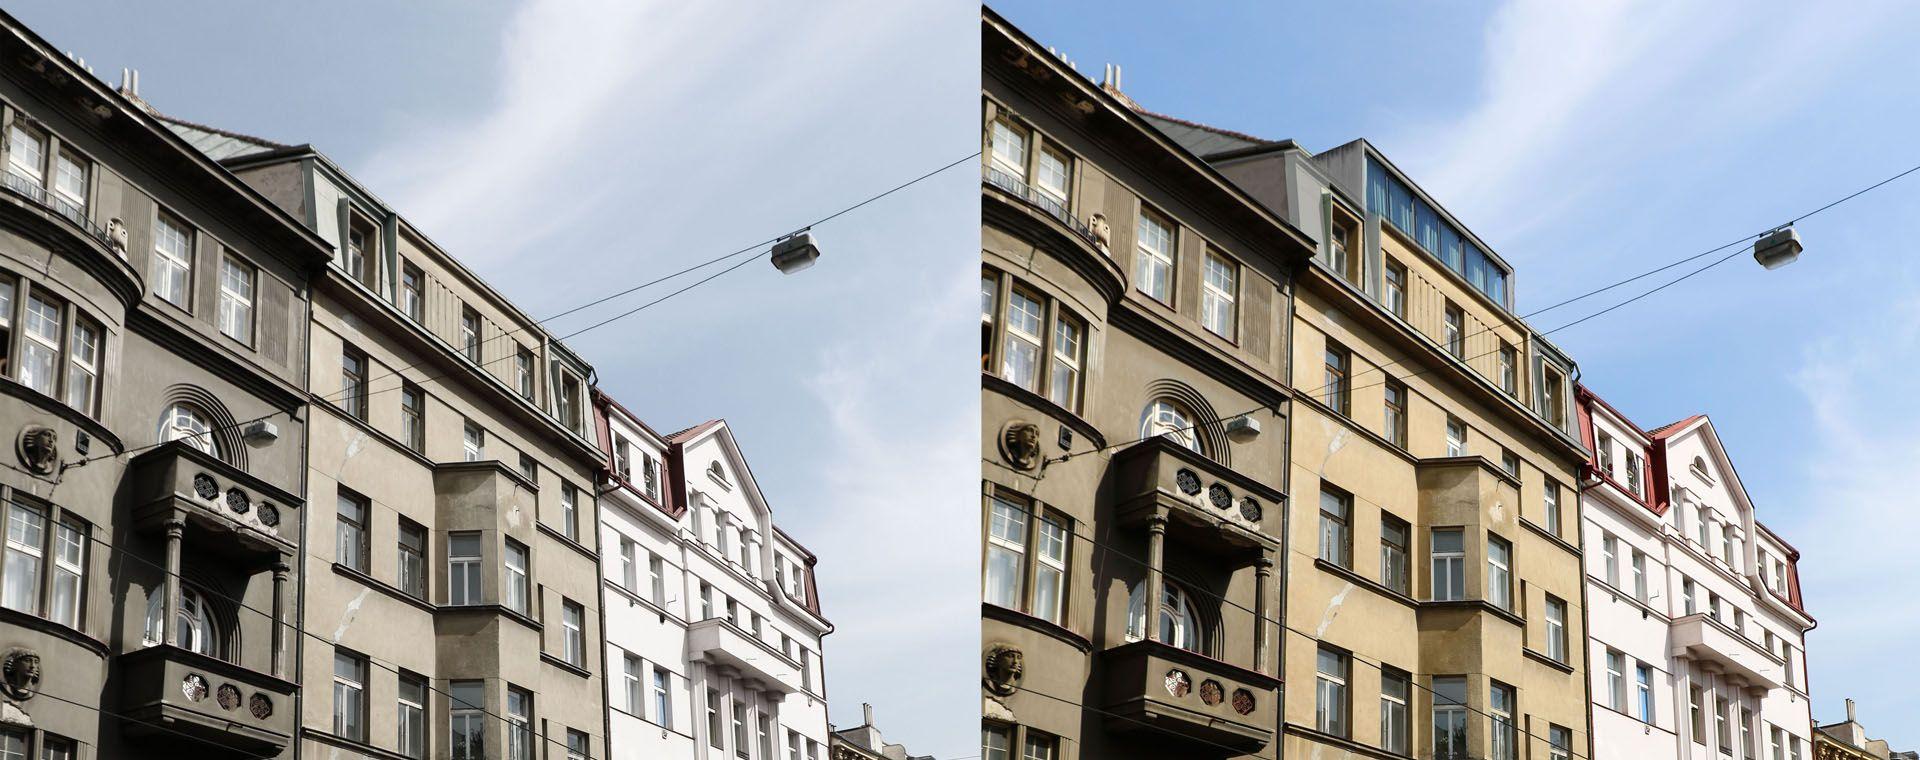 Adaptace podkroví na mezonetový byt, Milady Horákové, Praha, 2014, CZ